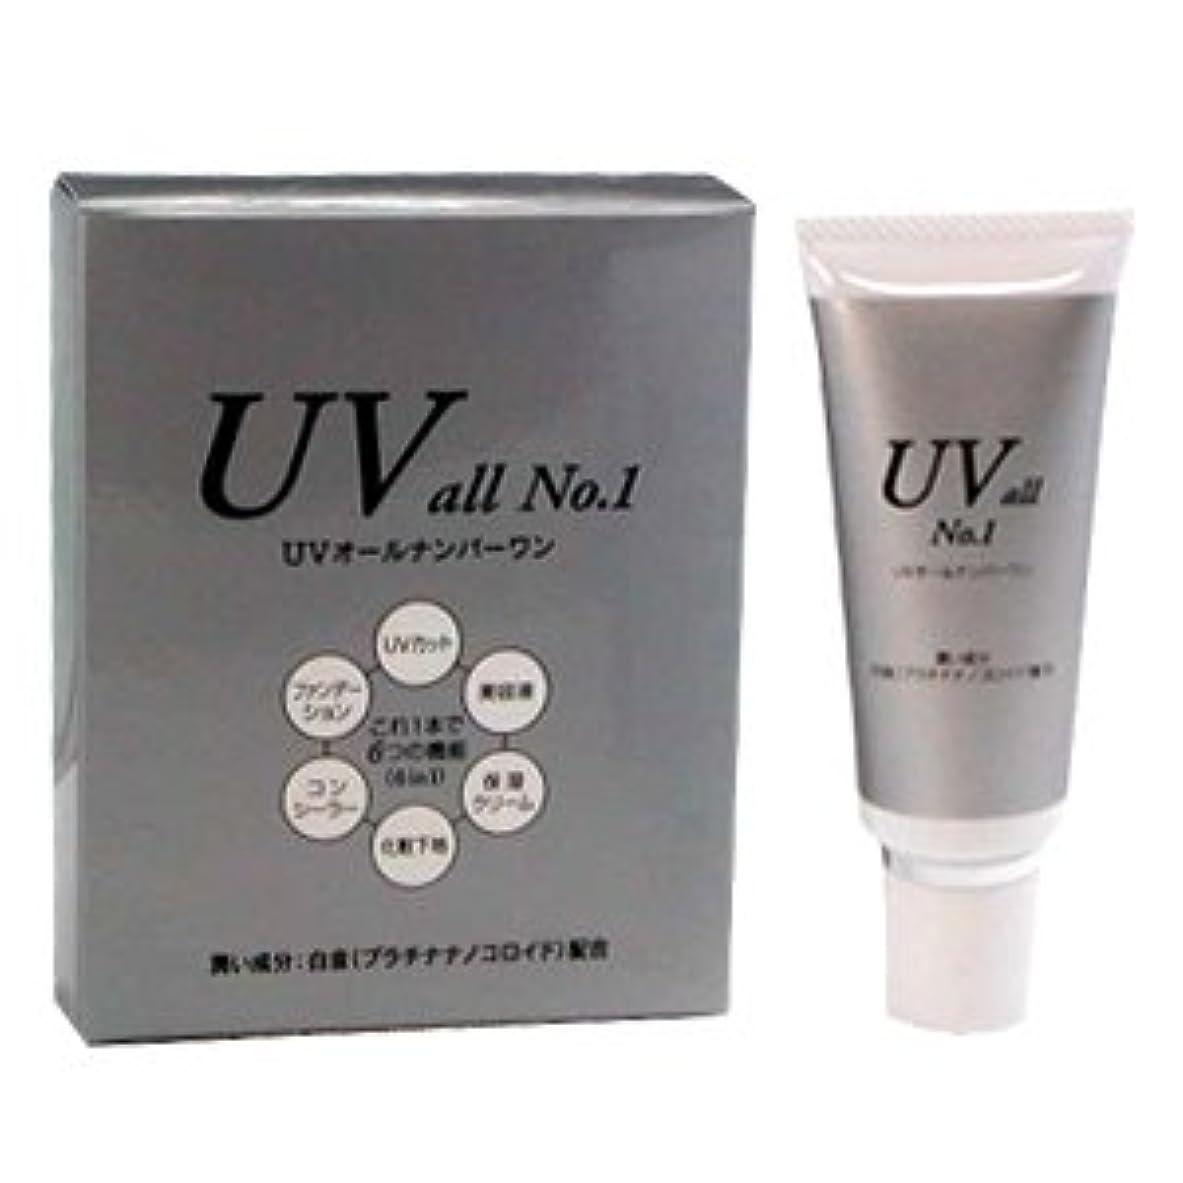 フェードエスカレート鍔UV all No.1 (UVオールナンバーワン) 45g